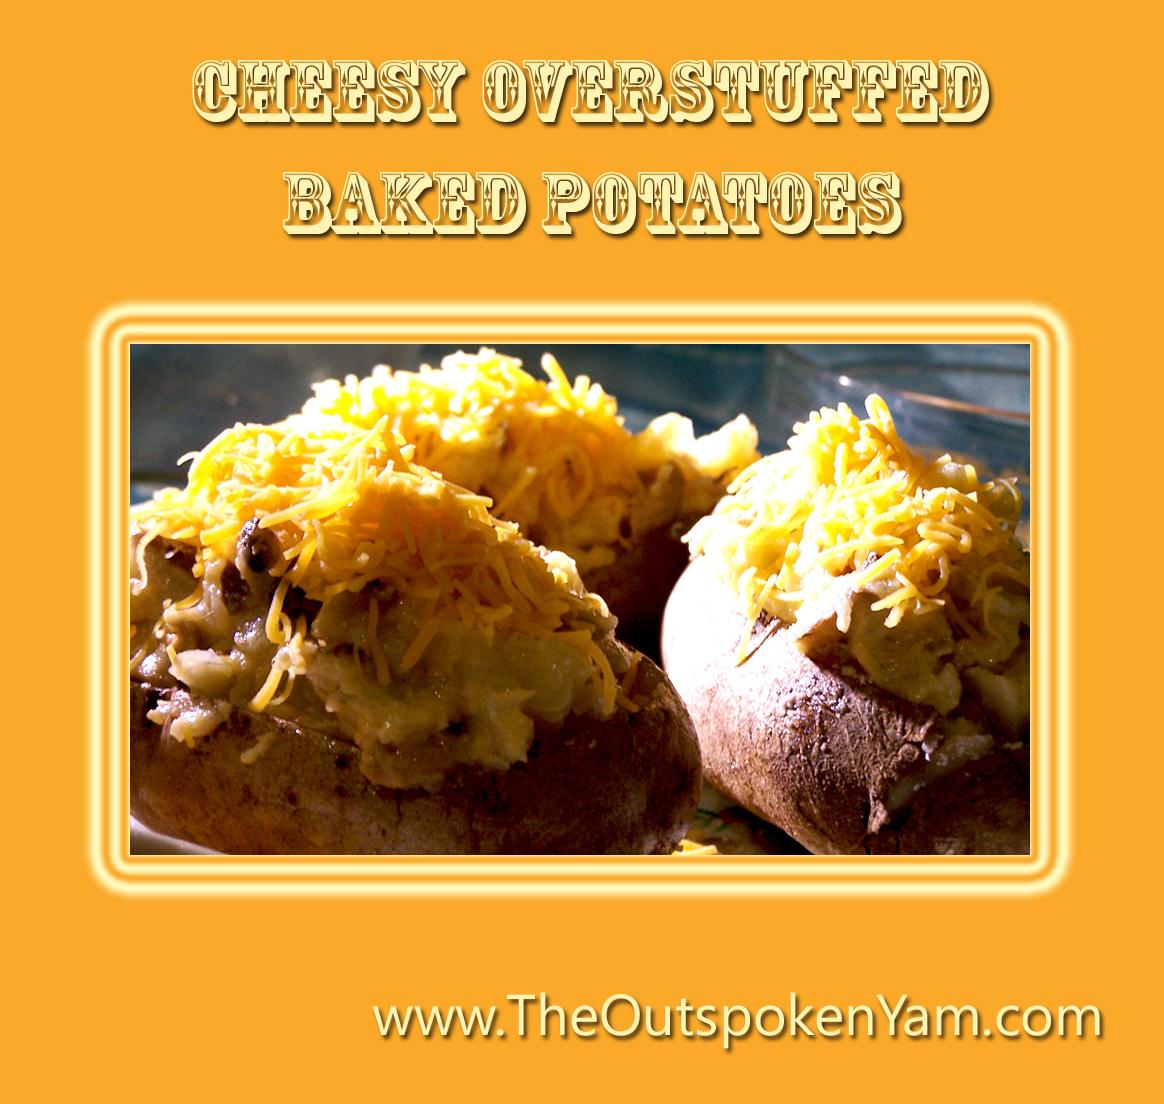 Cheesy Overstuffed Baked Potatoes